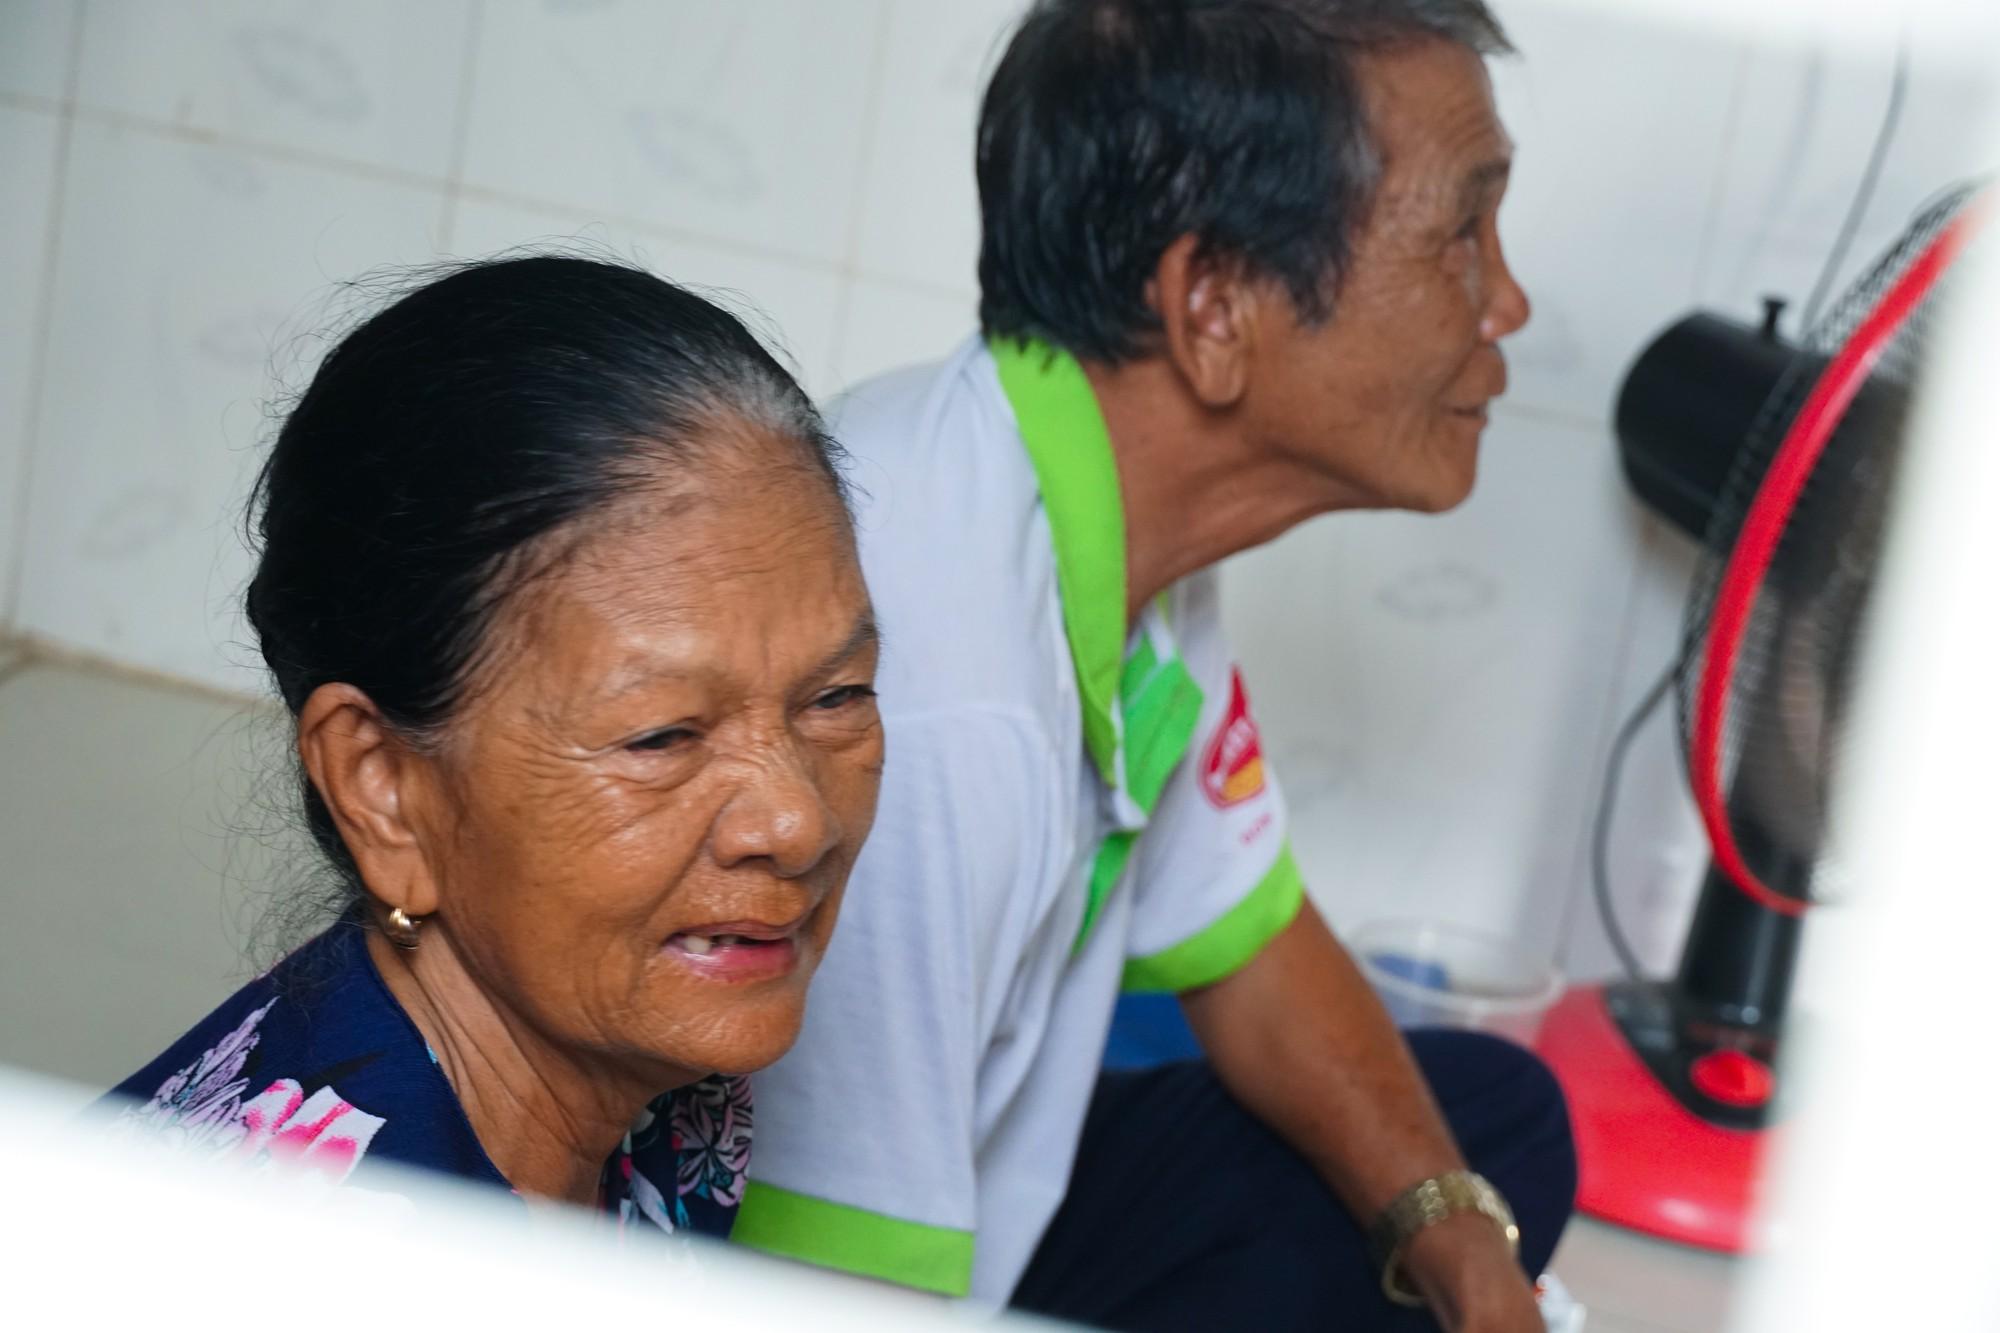 Chuyện tình đẹp như phim của bác bảo vệ già bị dàn cảnh trộm xe SH, bật khóc nức nở giữa Sài Gòn - Ảnh 2.